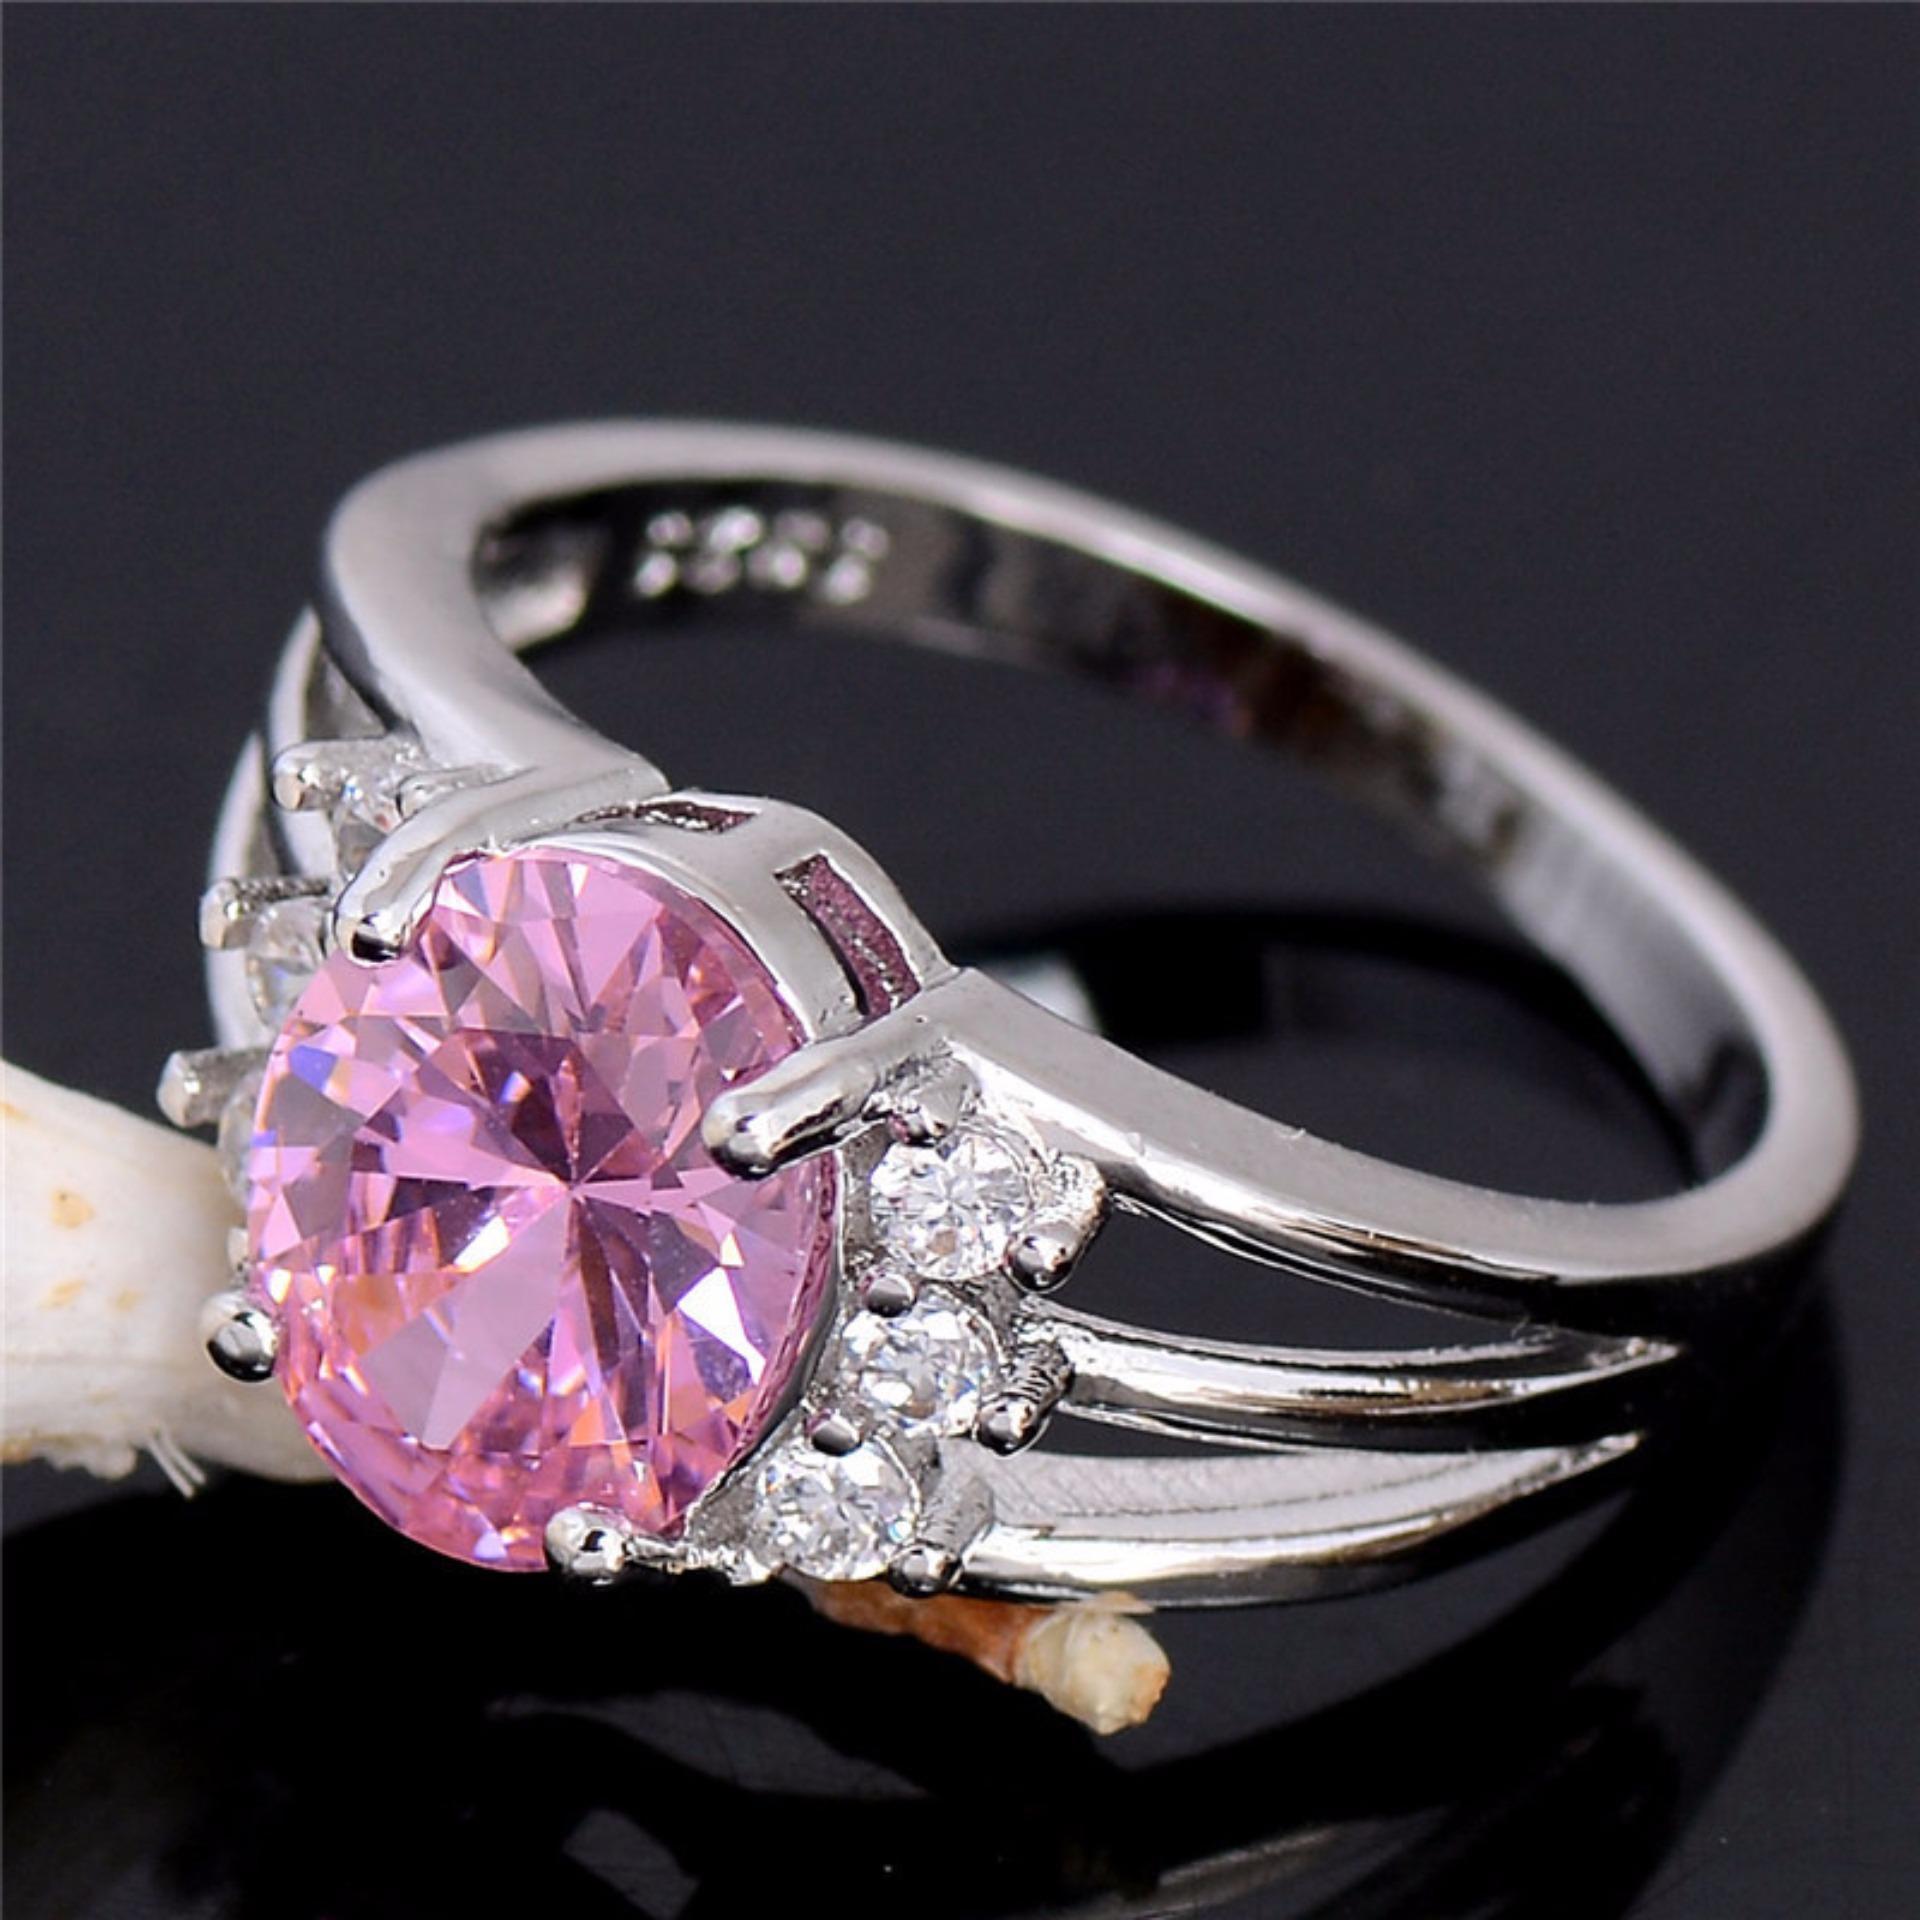 Dimana Beli Cincin Silver Lapis Emas Putih Batu Pink Oval Berlian Imitasi Mewah Vvip Jewelry